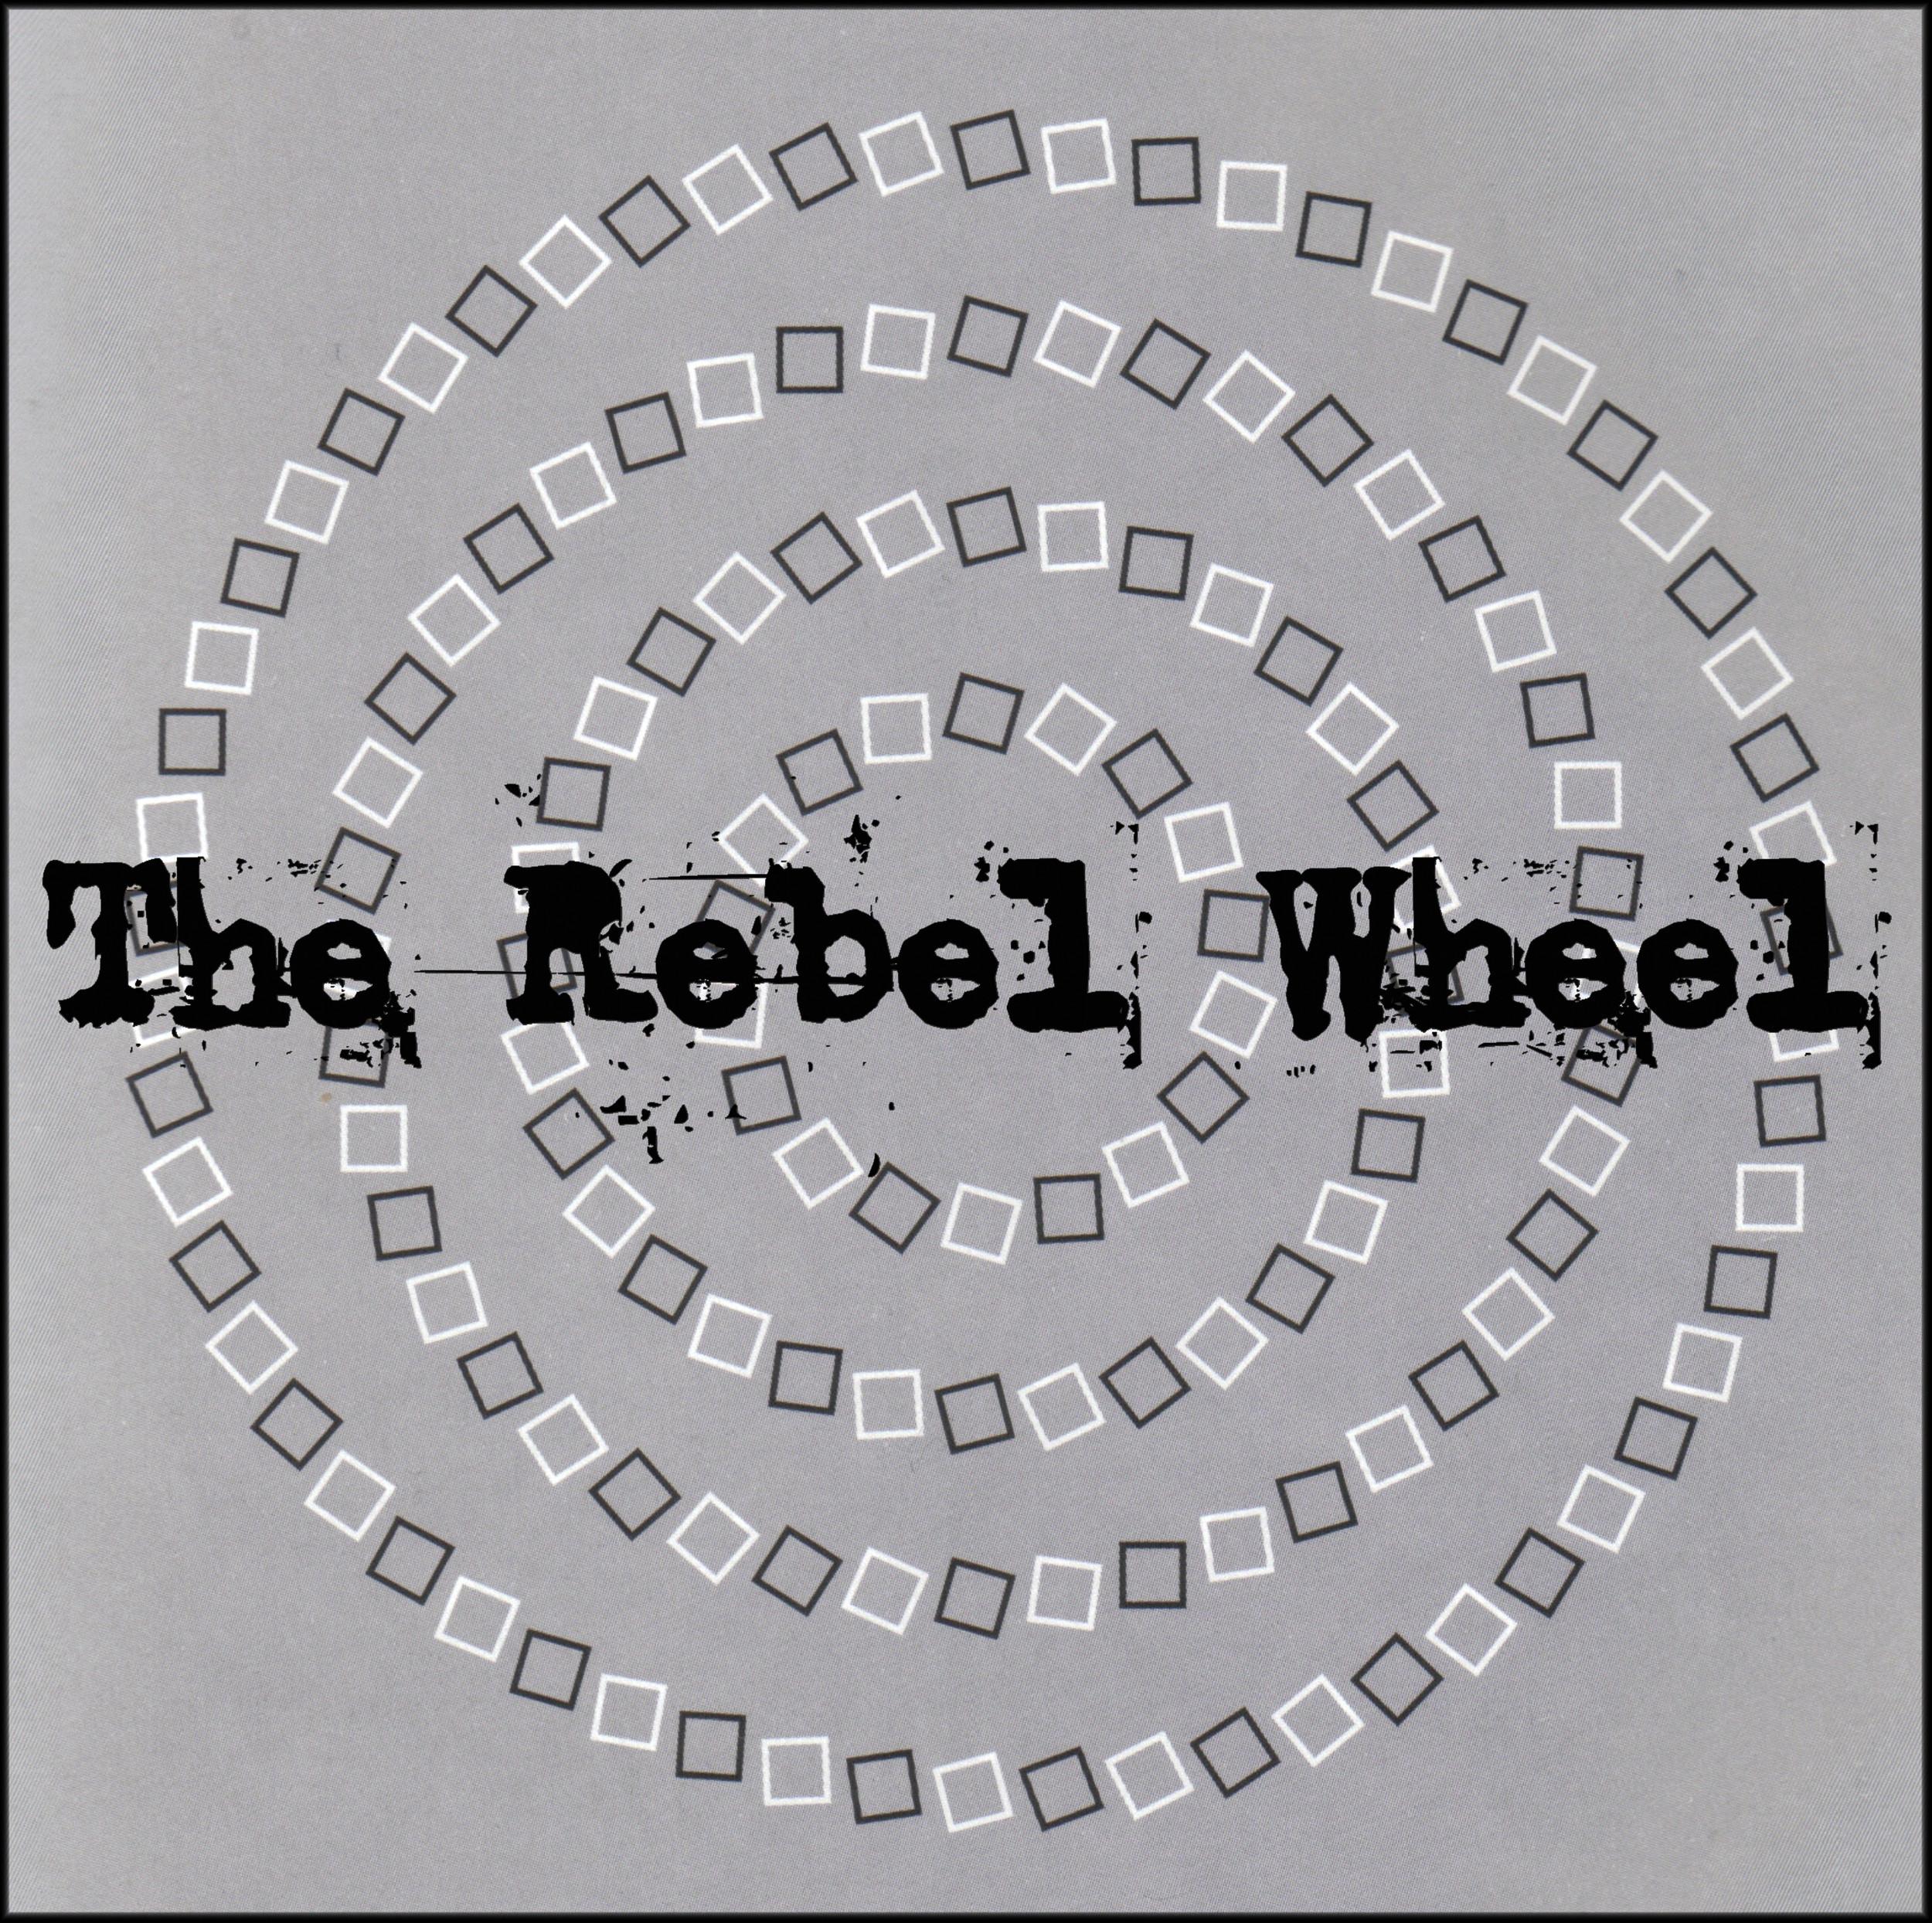 www.therebelwheel.com